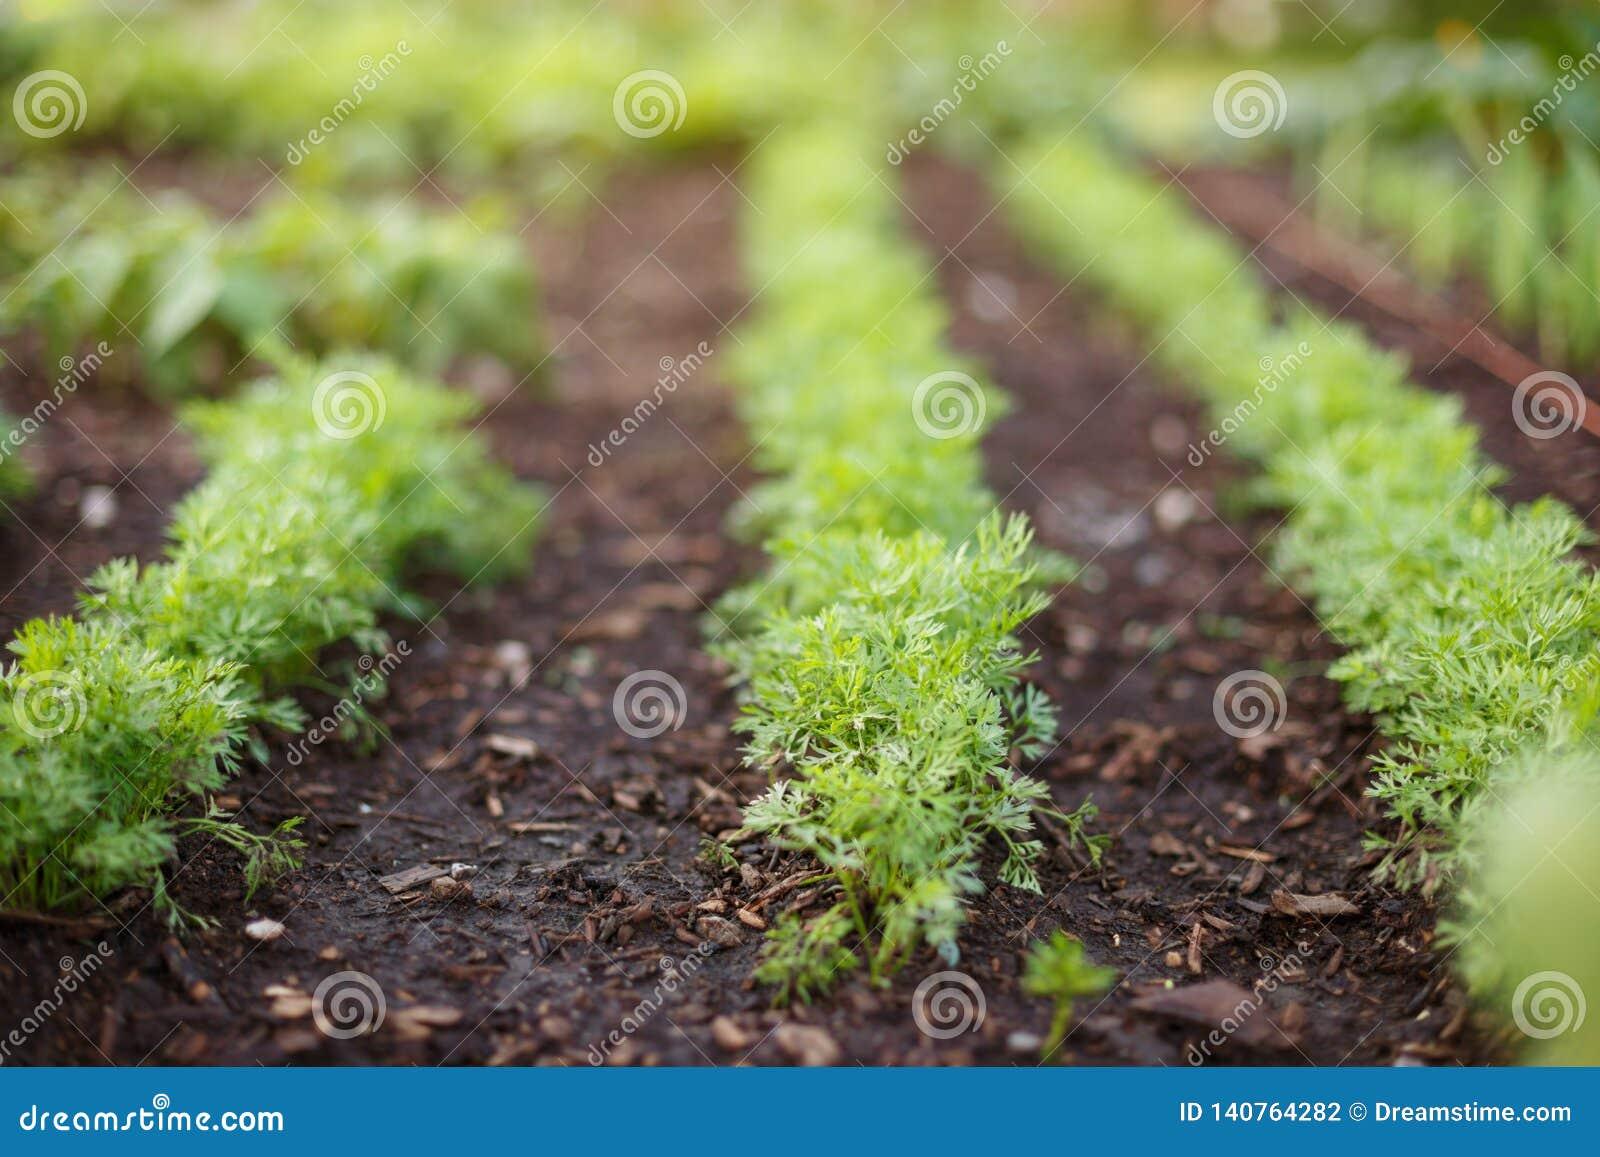 Sprösslinge von jungen Karotten wachsen auf einem Gartenbett